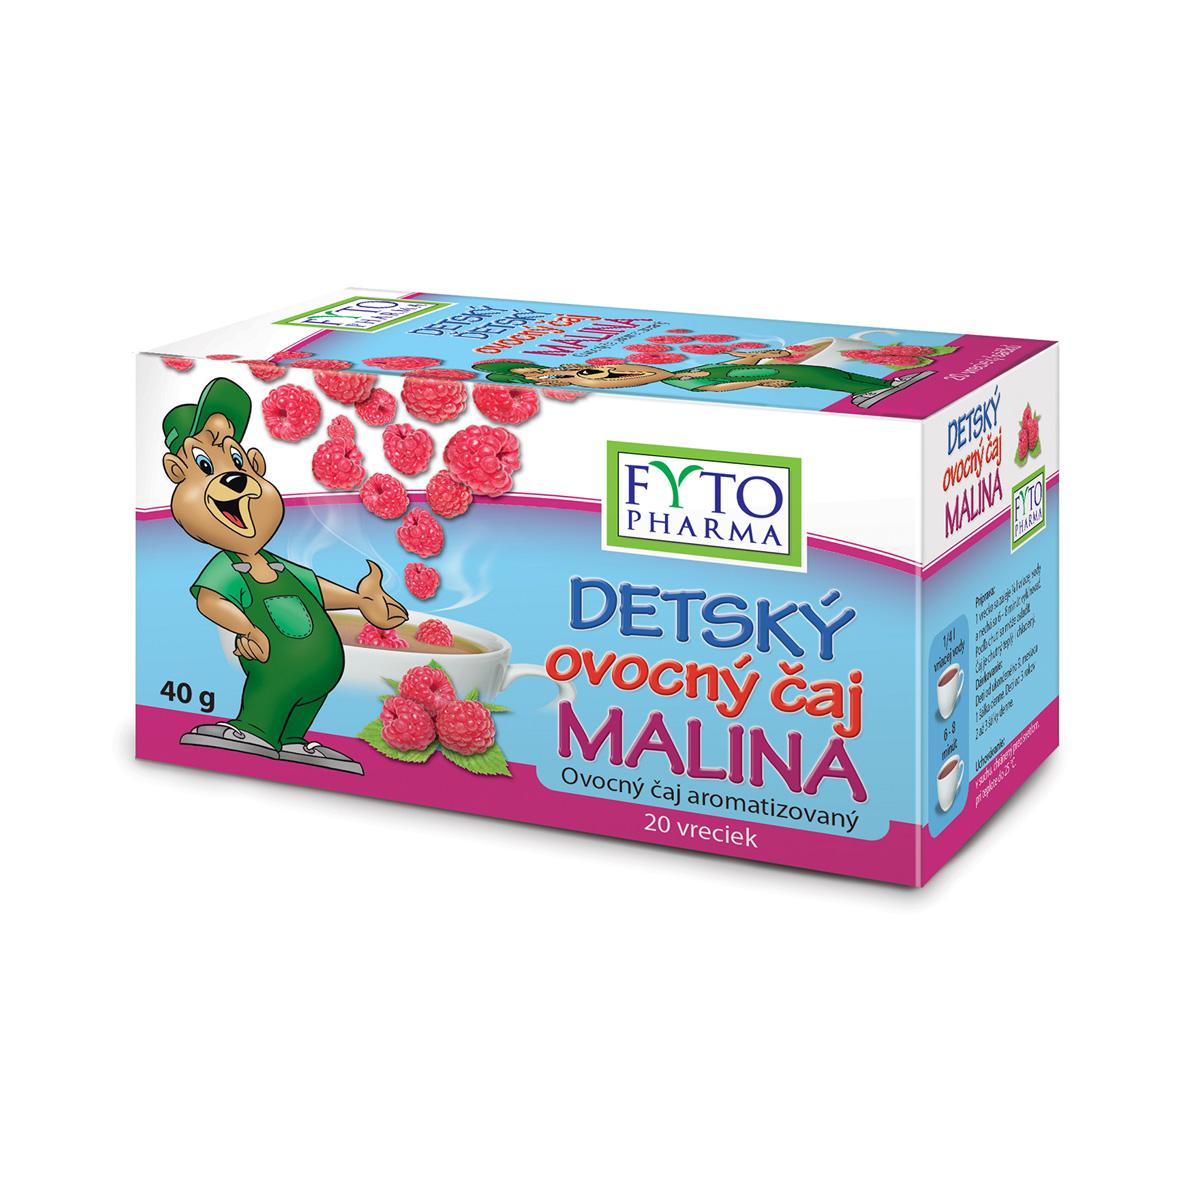 Fytopharma Dětský ovocný čaj malina 20 x 2 g